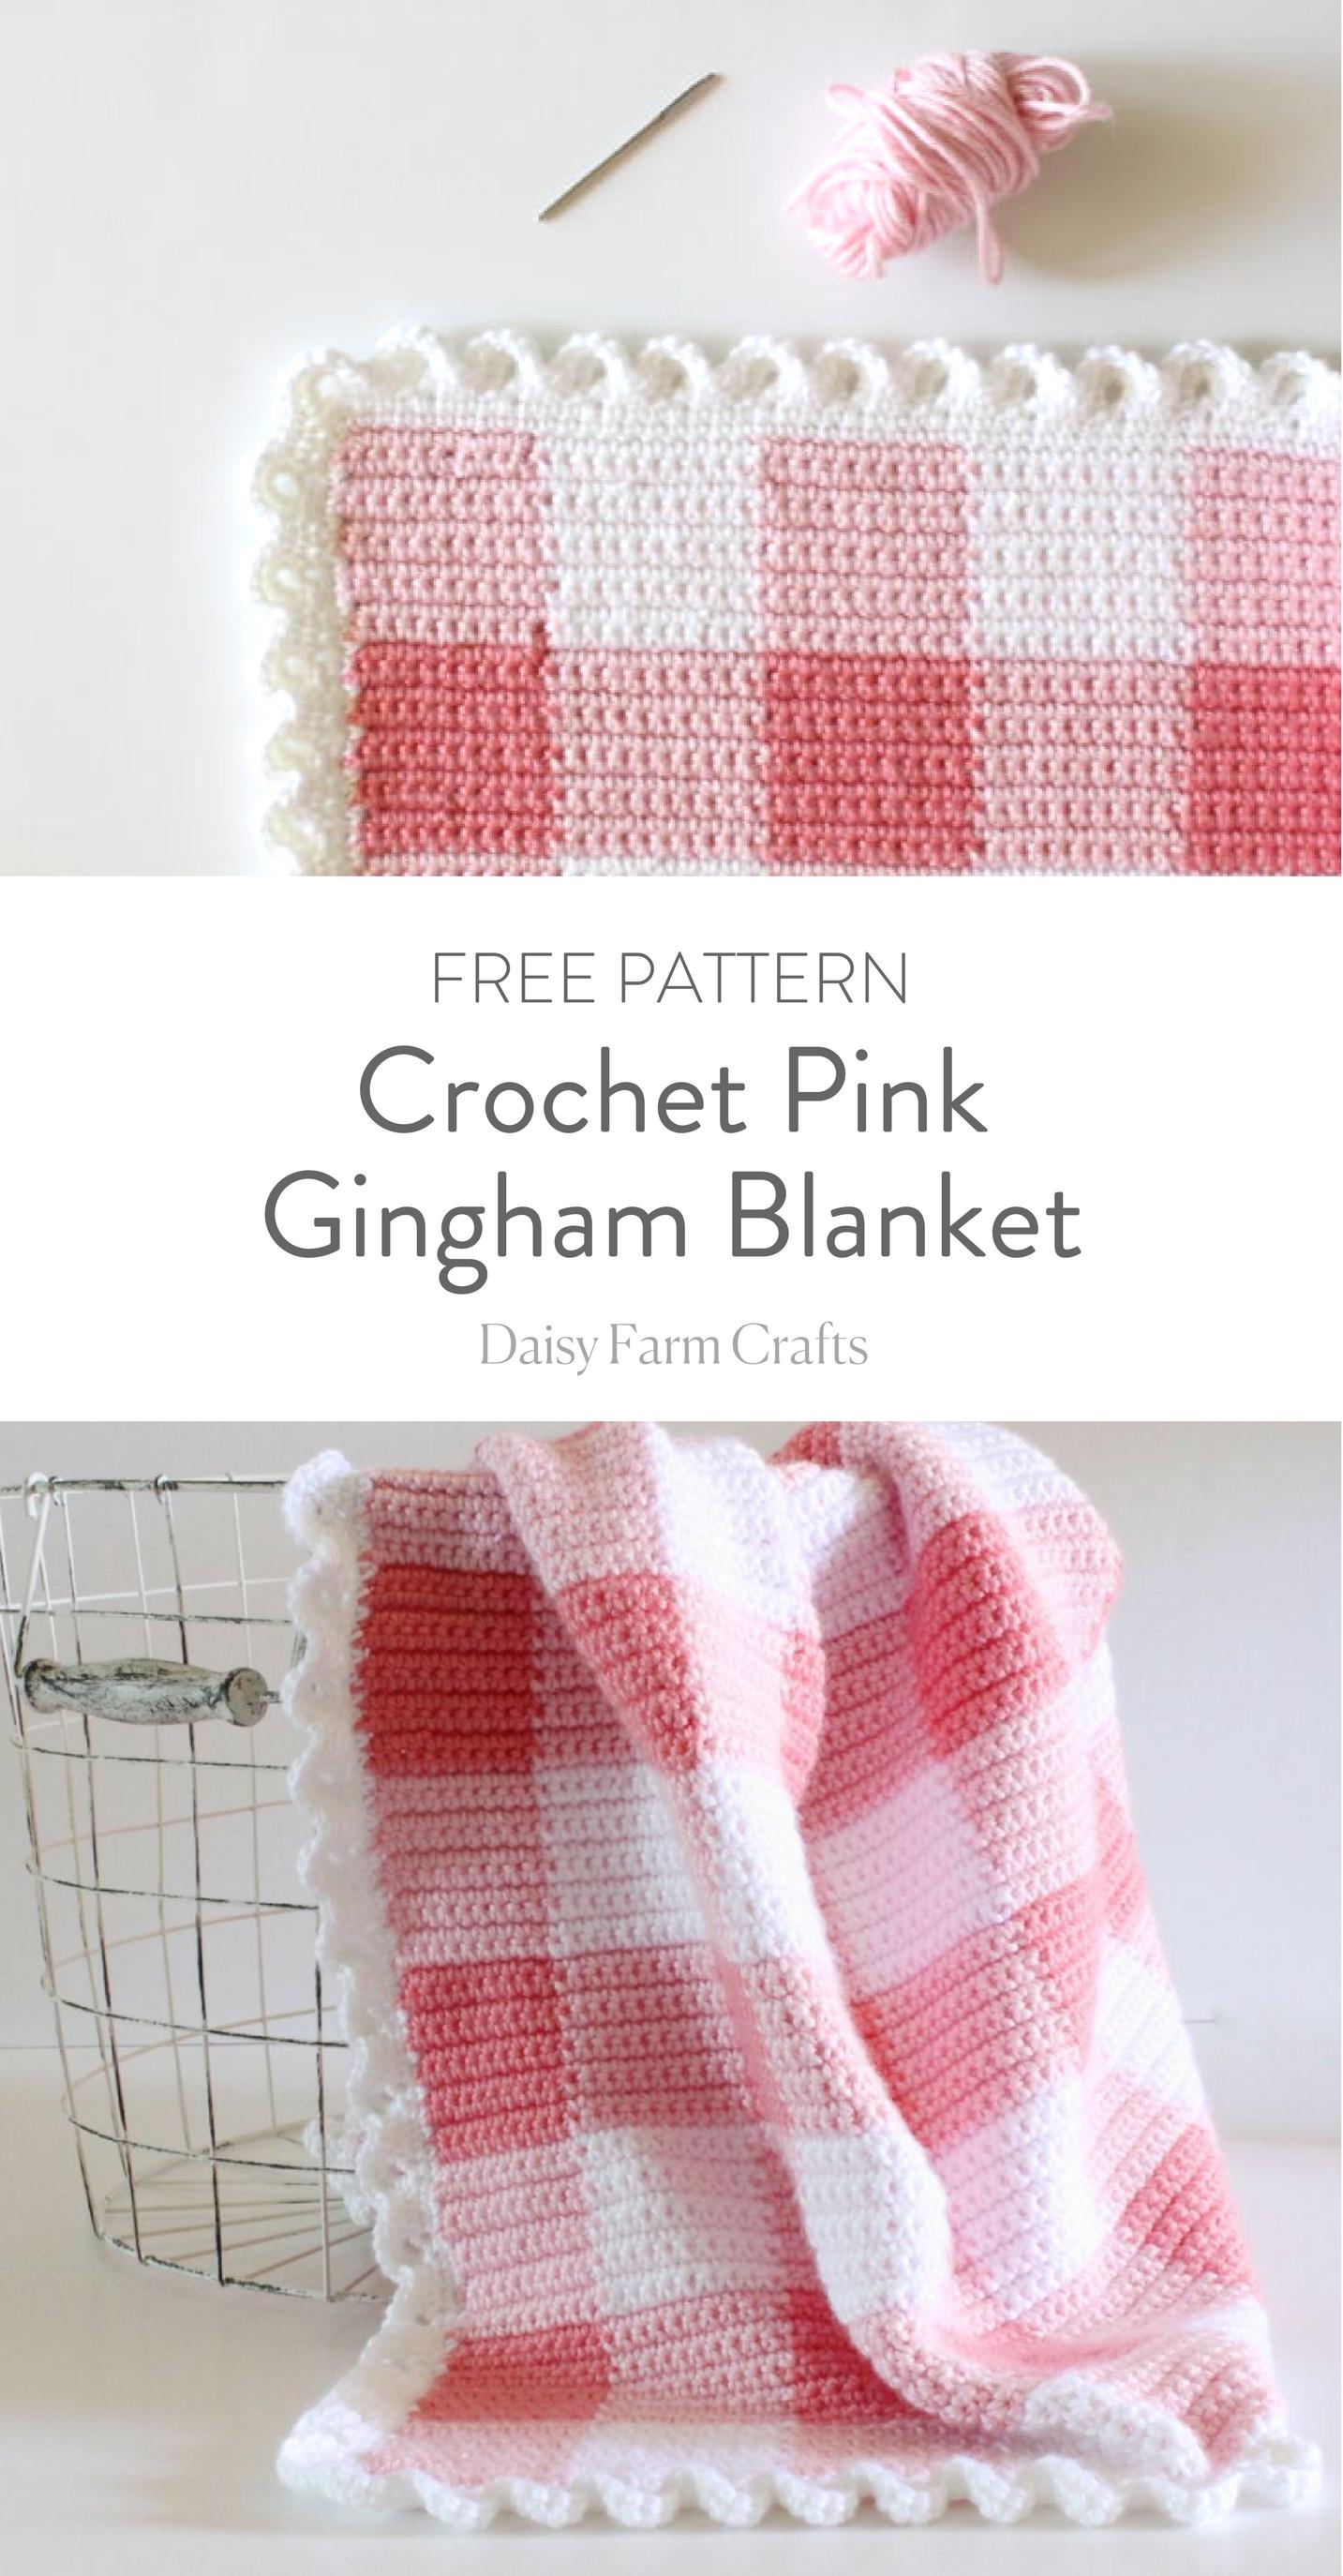 Pin de Tammy Jeralds en Knitting and Yarn work | Pinterest | Tejido ...